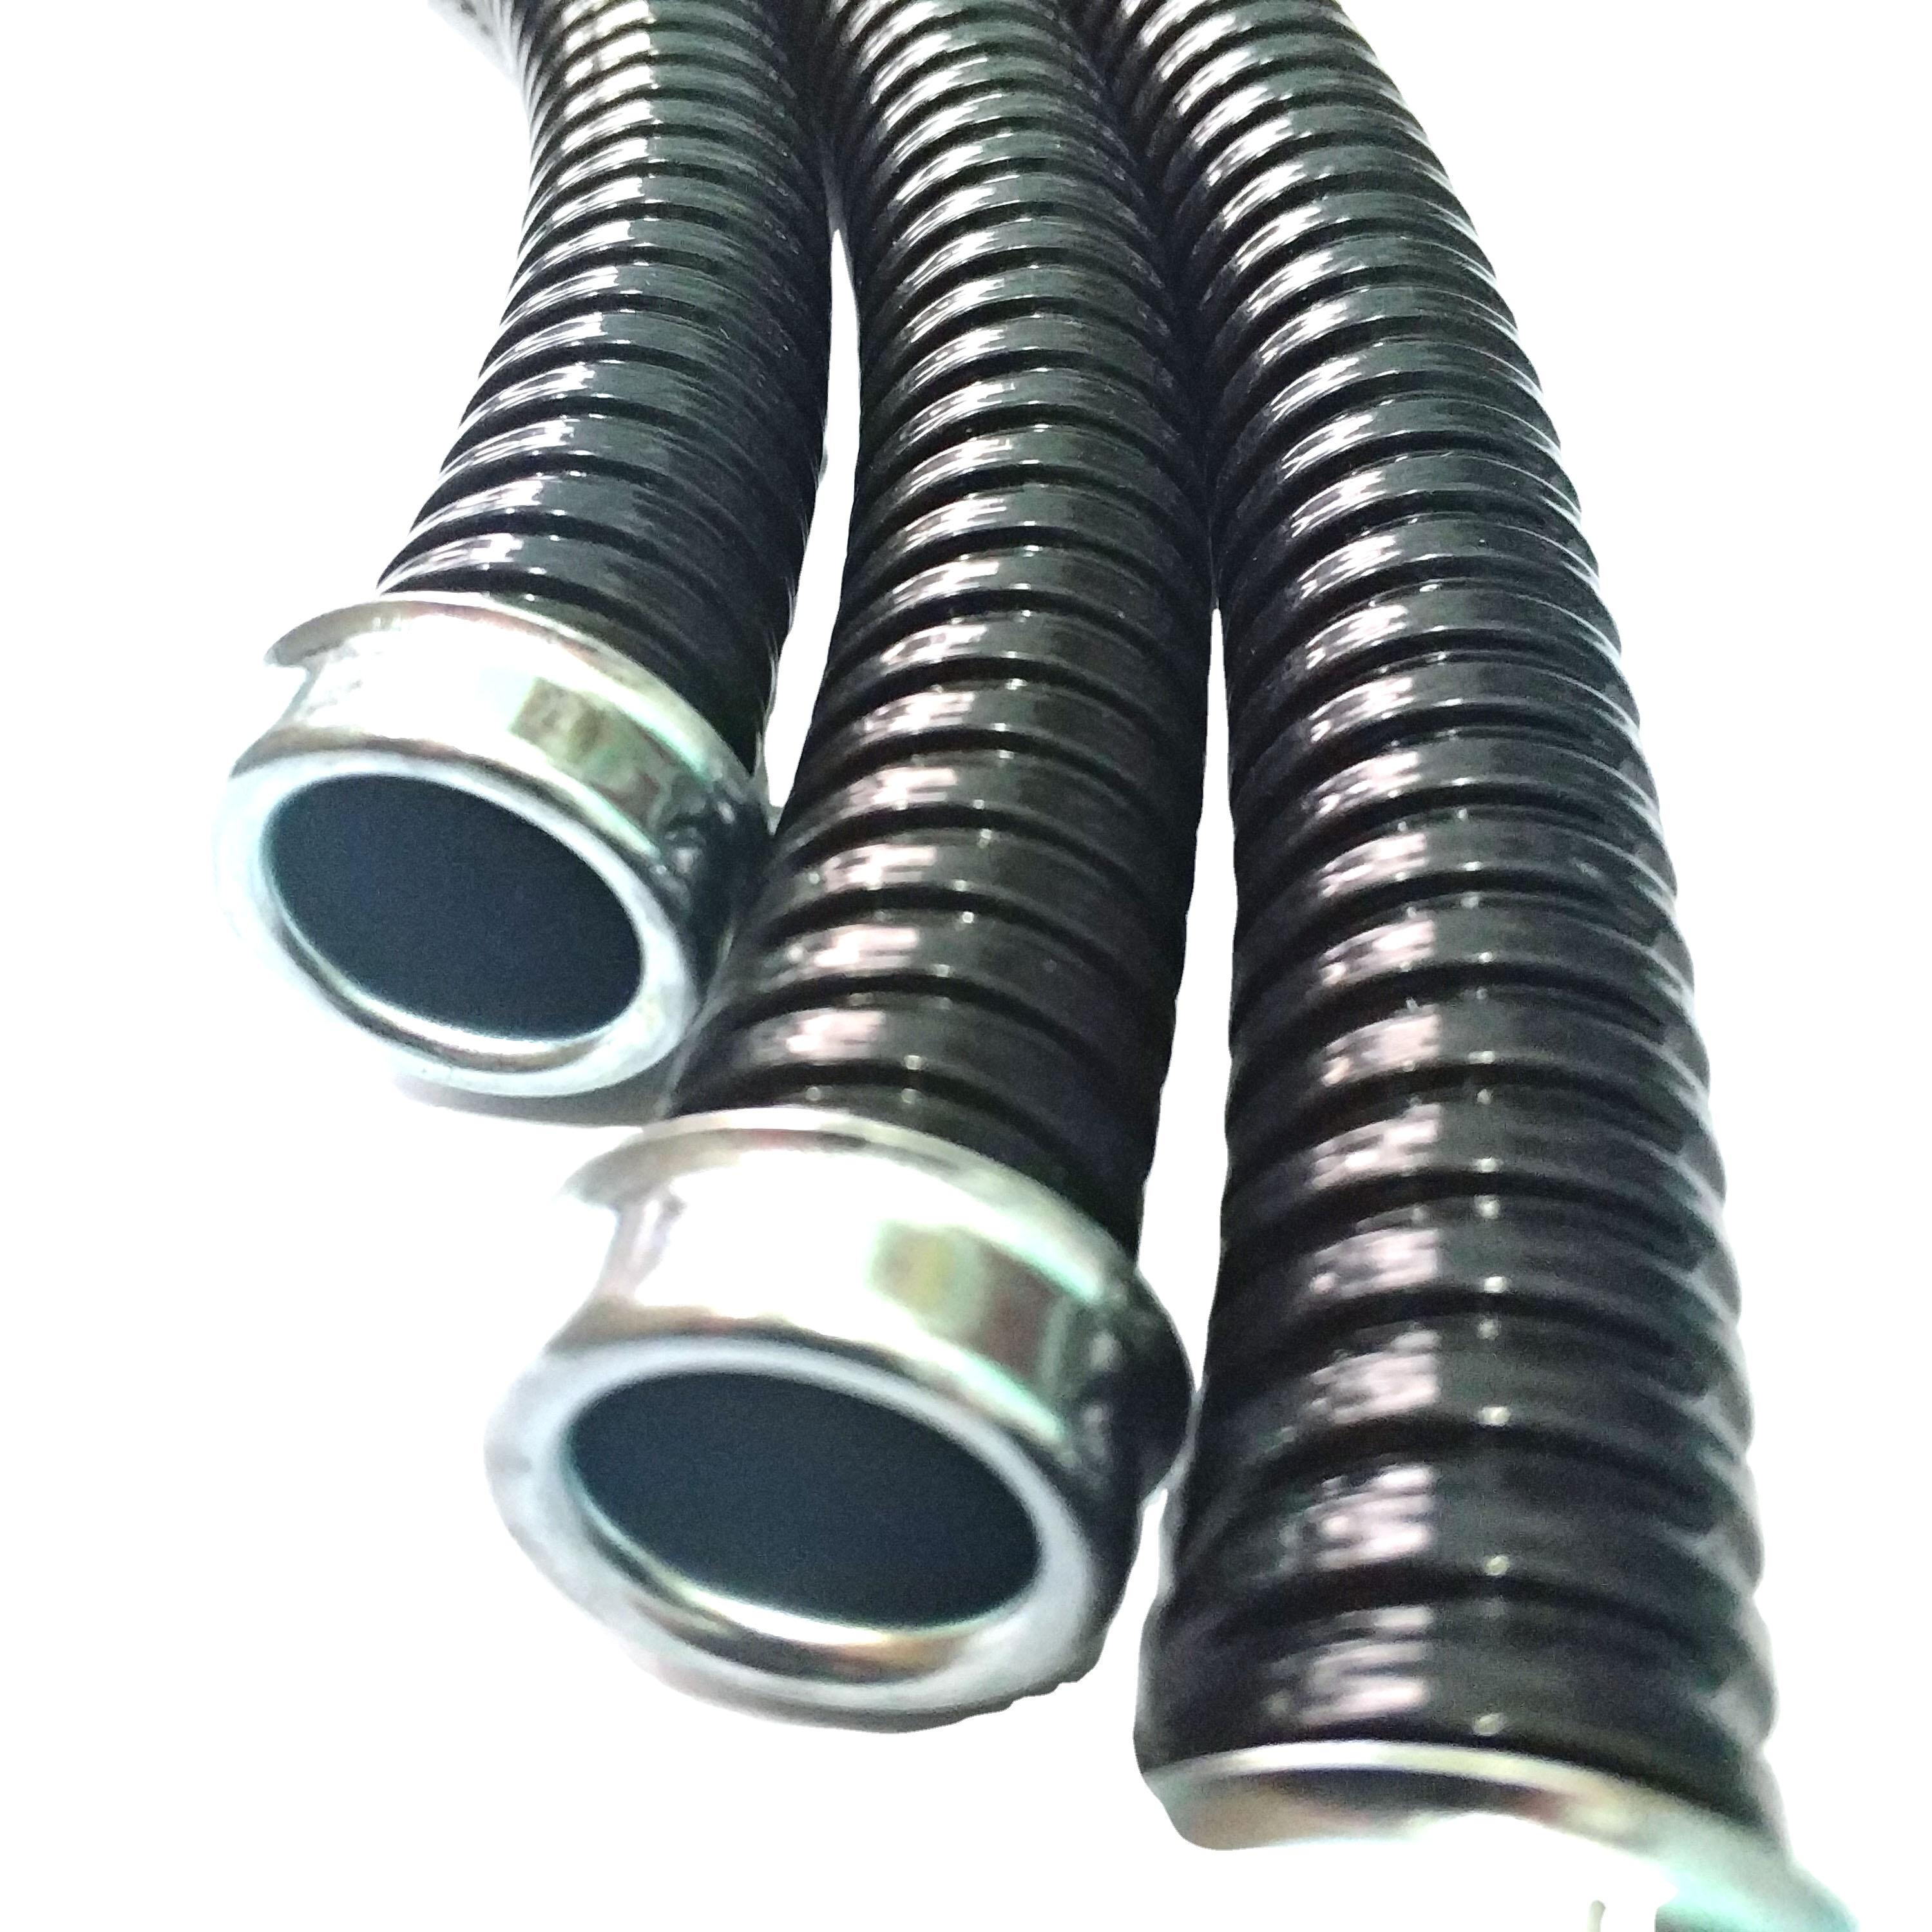 5 'гибкий трубопровод с ПВХ покрытием